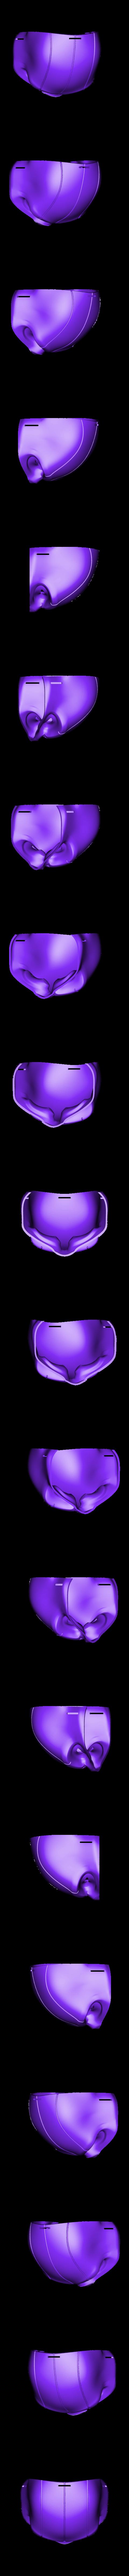 Taskmaster_Mask_Udon_w_Strap_Holes_Part_1.stl Télécharger fichier STL gratuit Masque Udon Taskmaster • Modèle pour imprimante 3D, VillainousPropShop